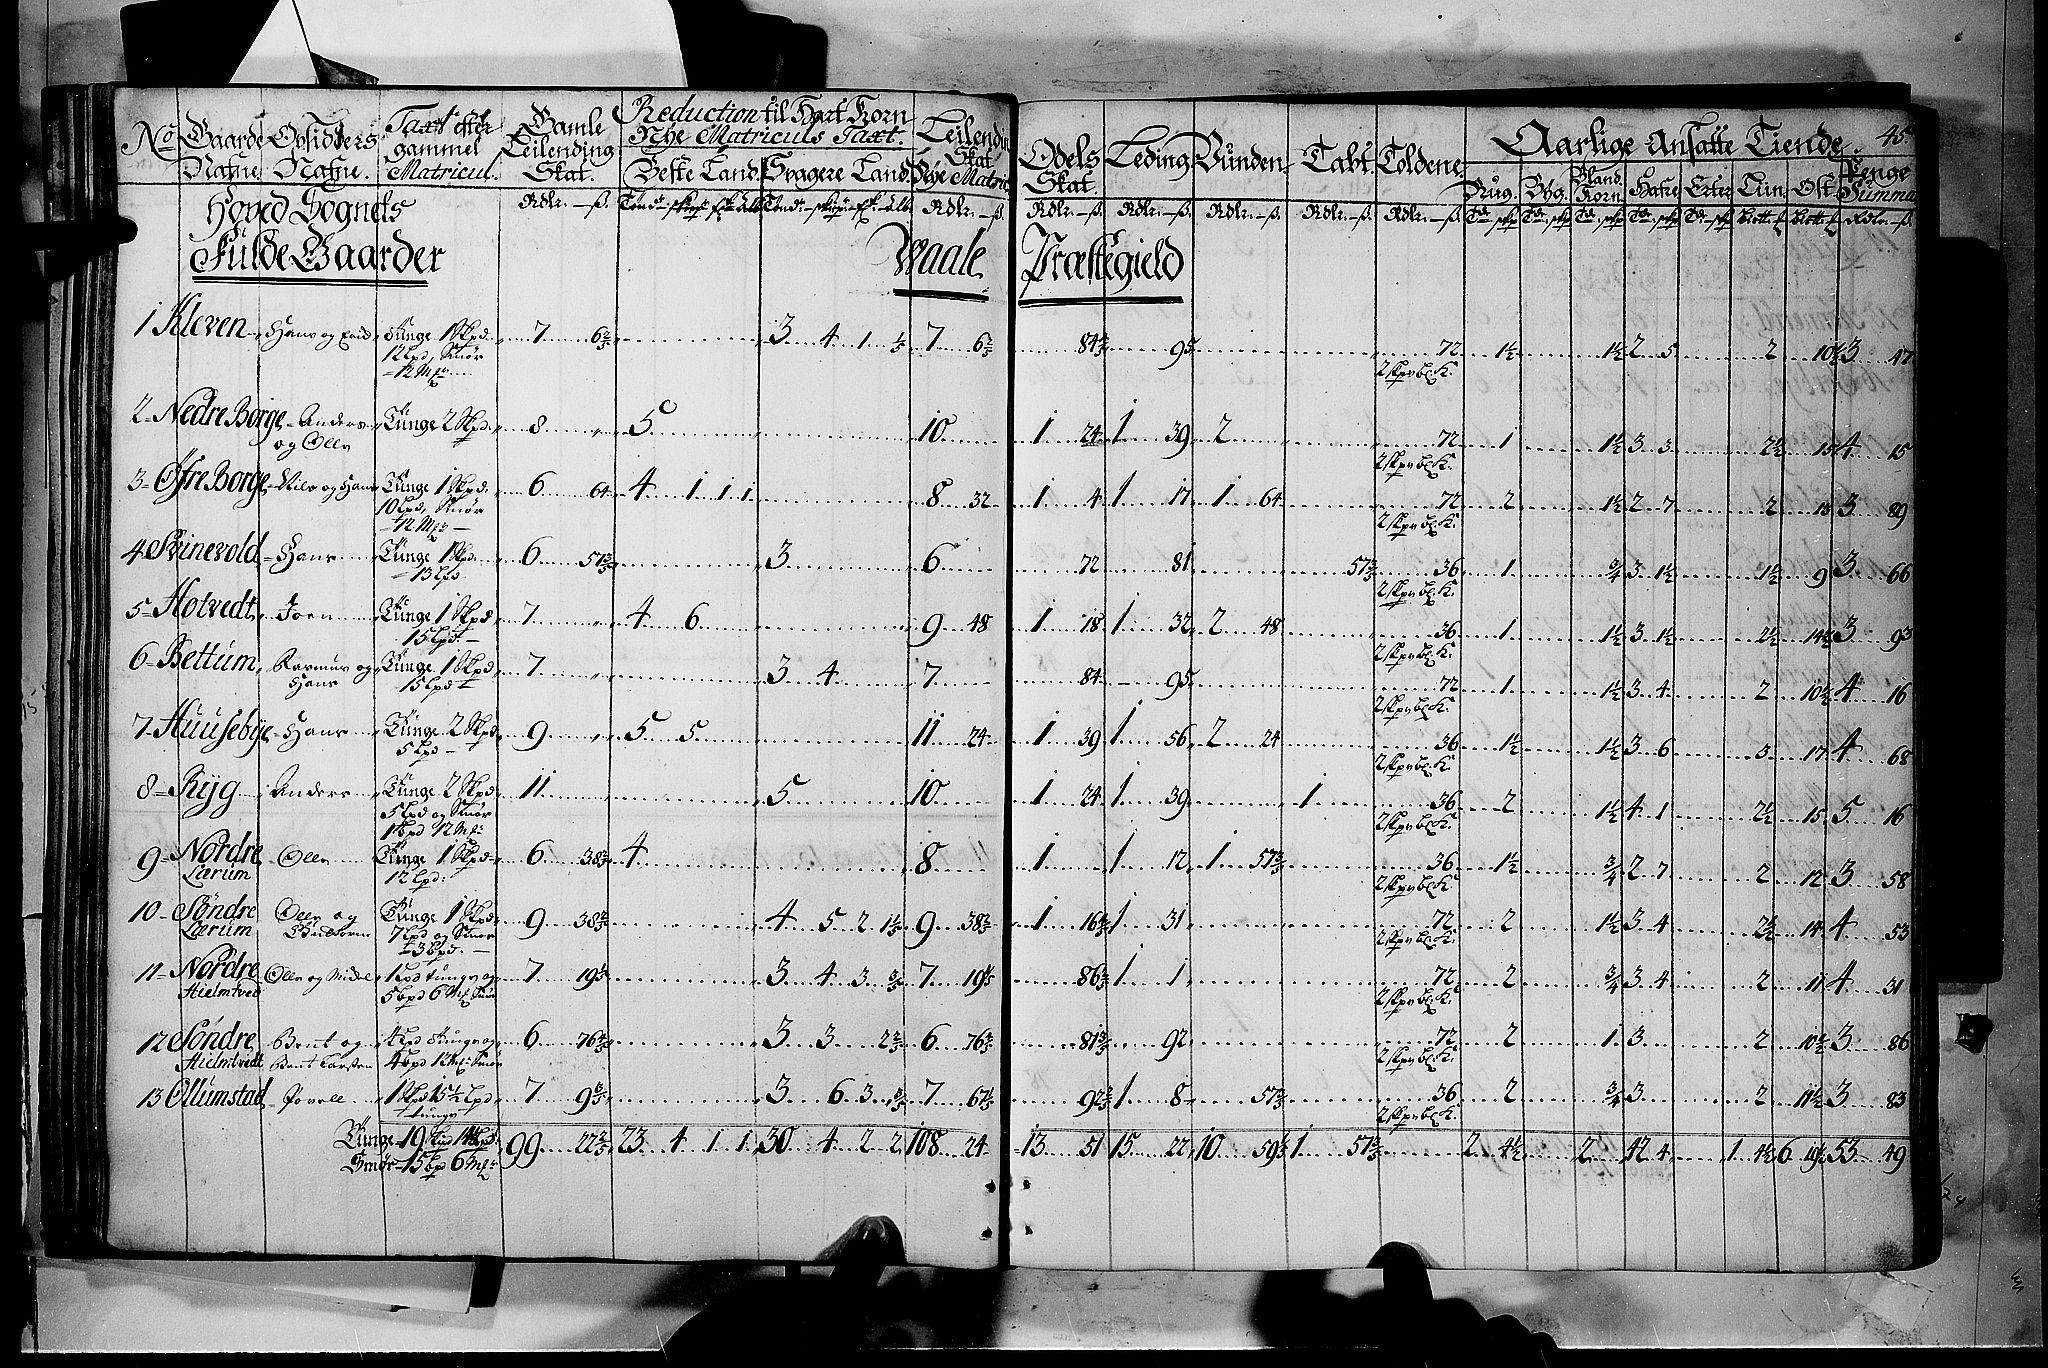 RA, Rentekammeret inntil 1814, Realistisk ordnet avdeling, N/Nb/Nbf/L0116: Jarlsberg grevskap matrikkelprotokoll, 1723, s. 44b-45a